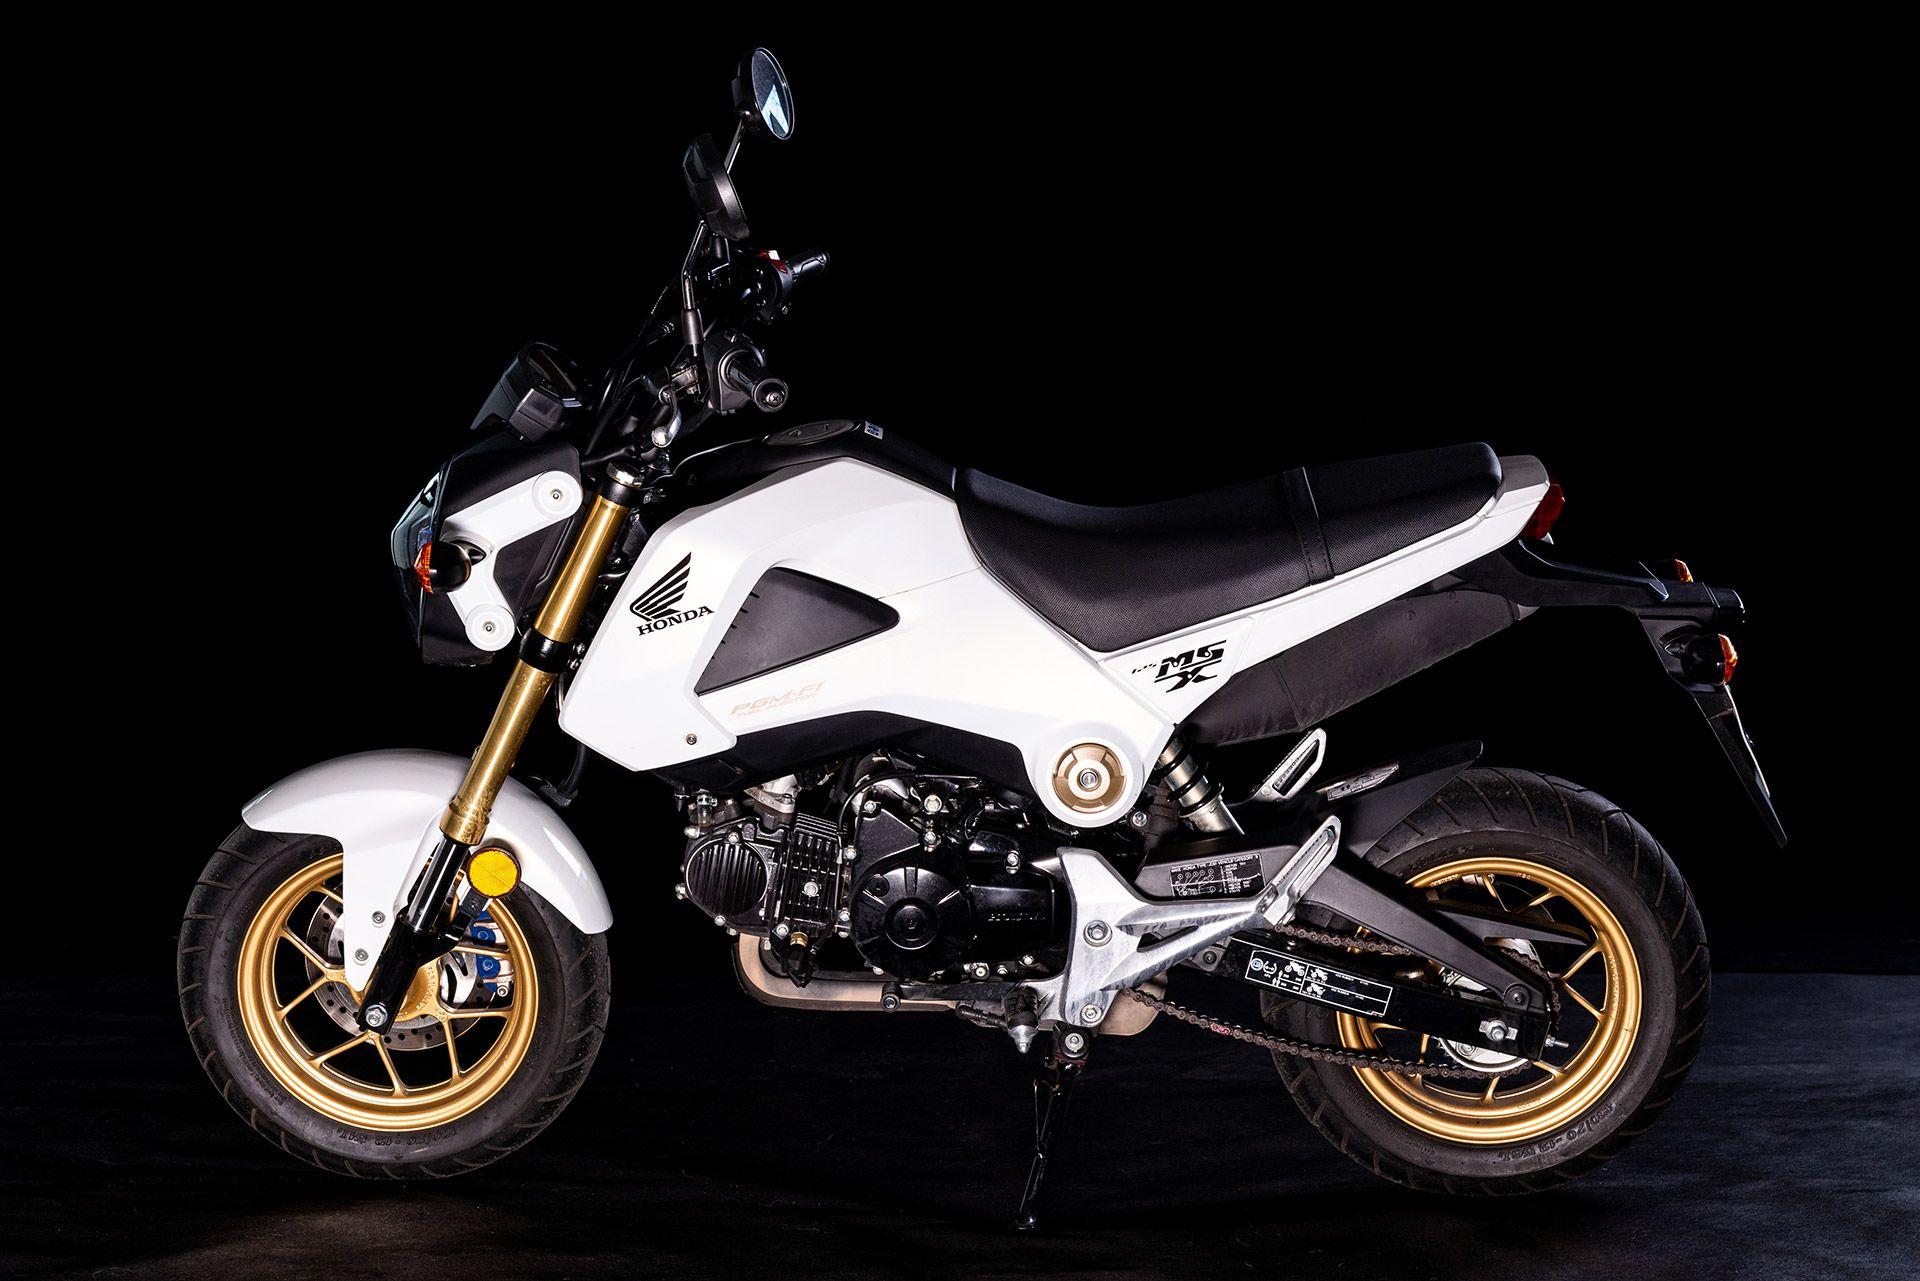 Fahrschule Berlin allroad Motorrad Honda MSX von der Seite